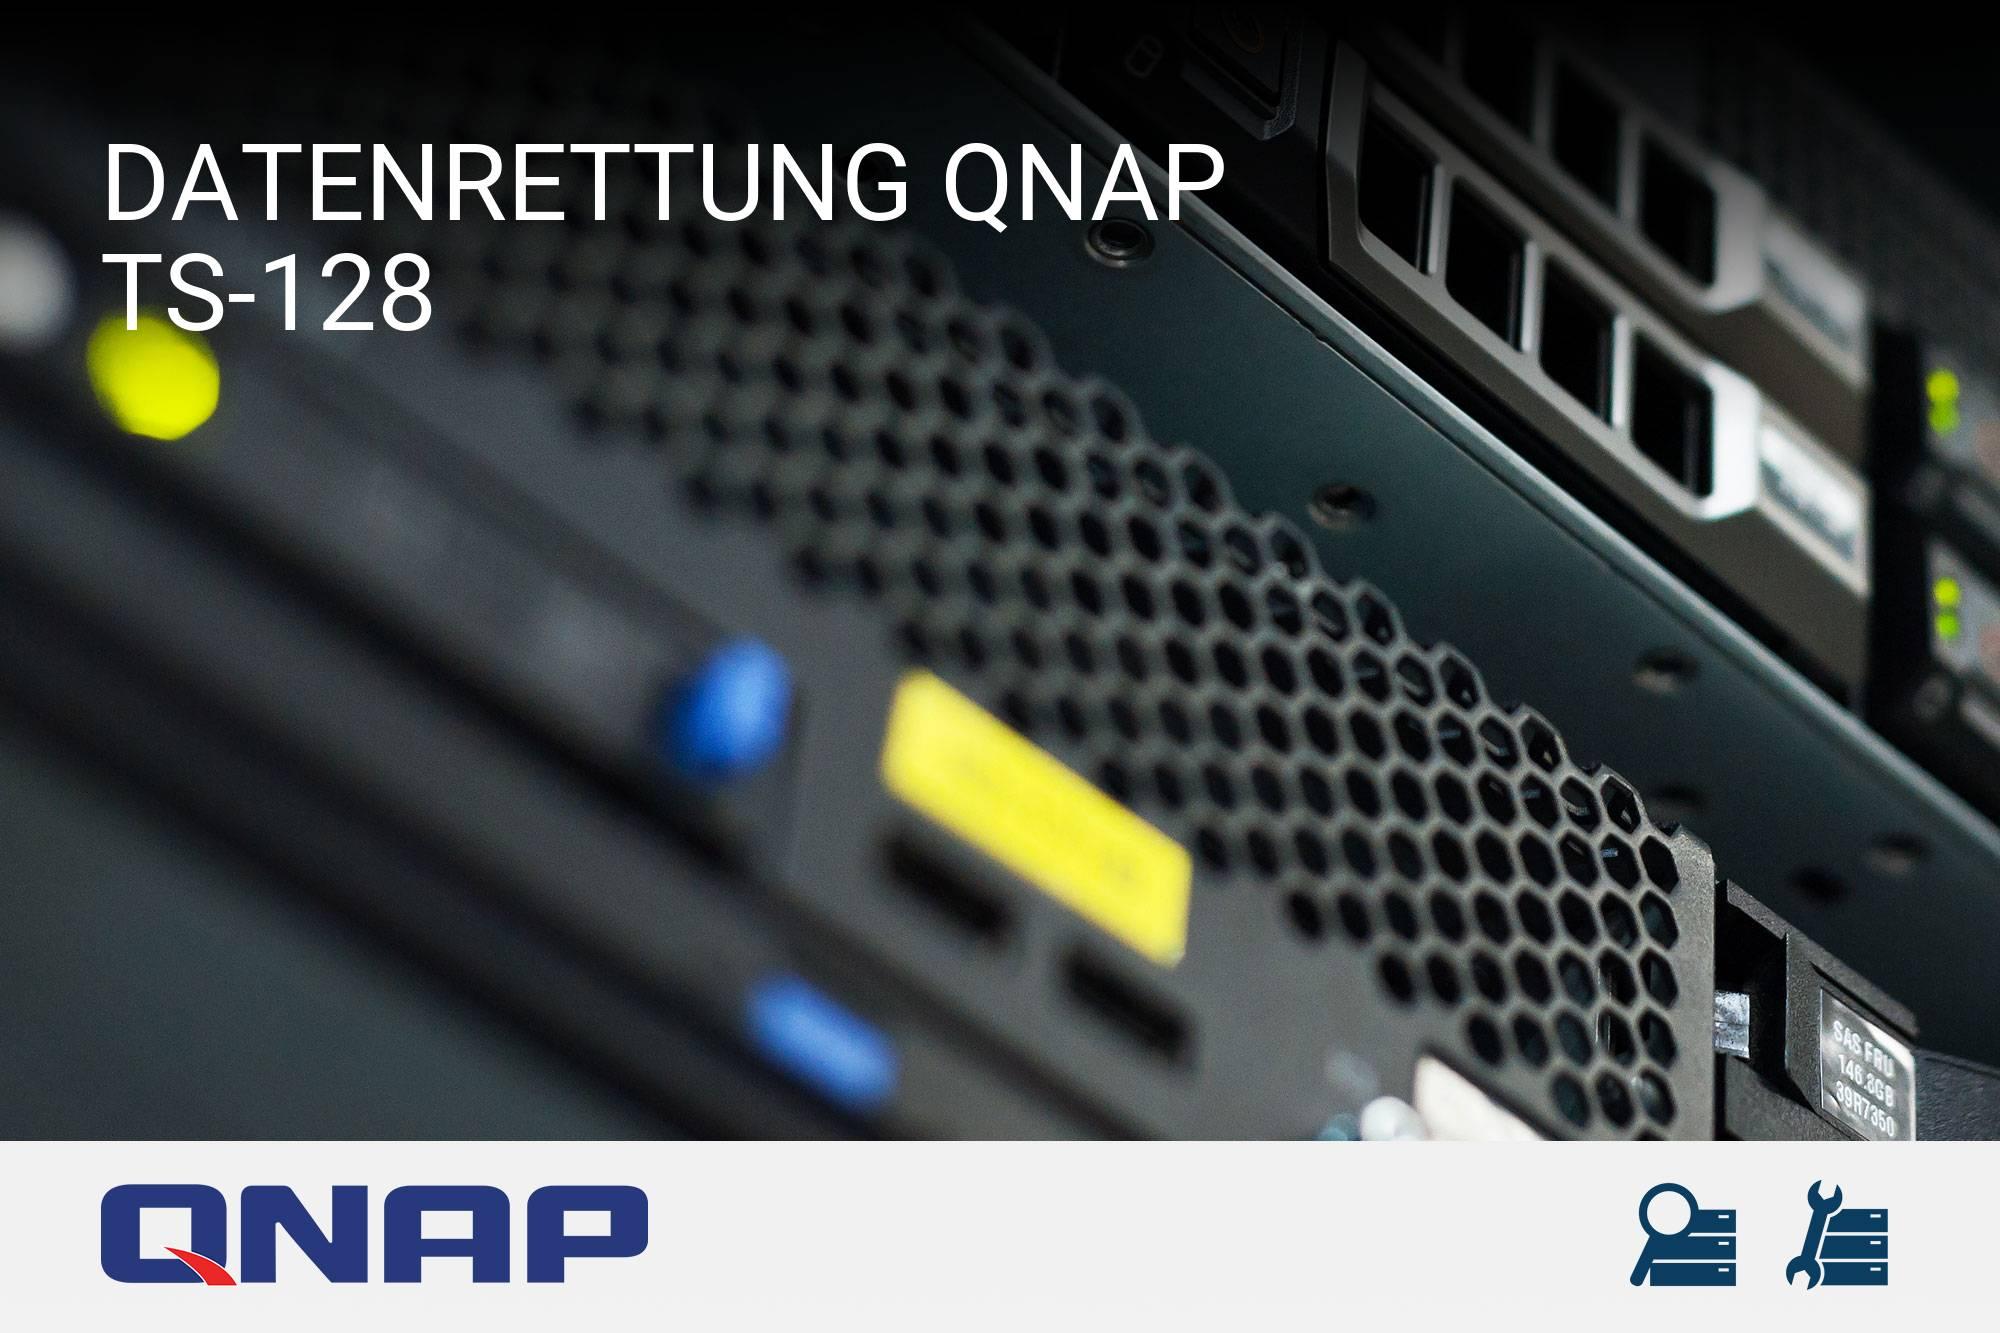 QNAP TS-128